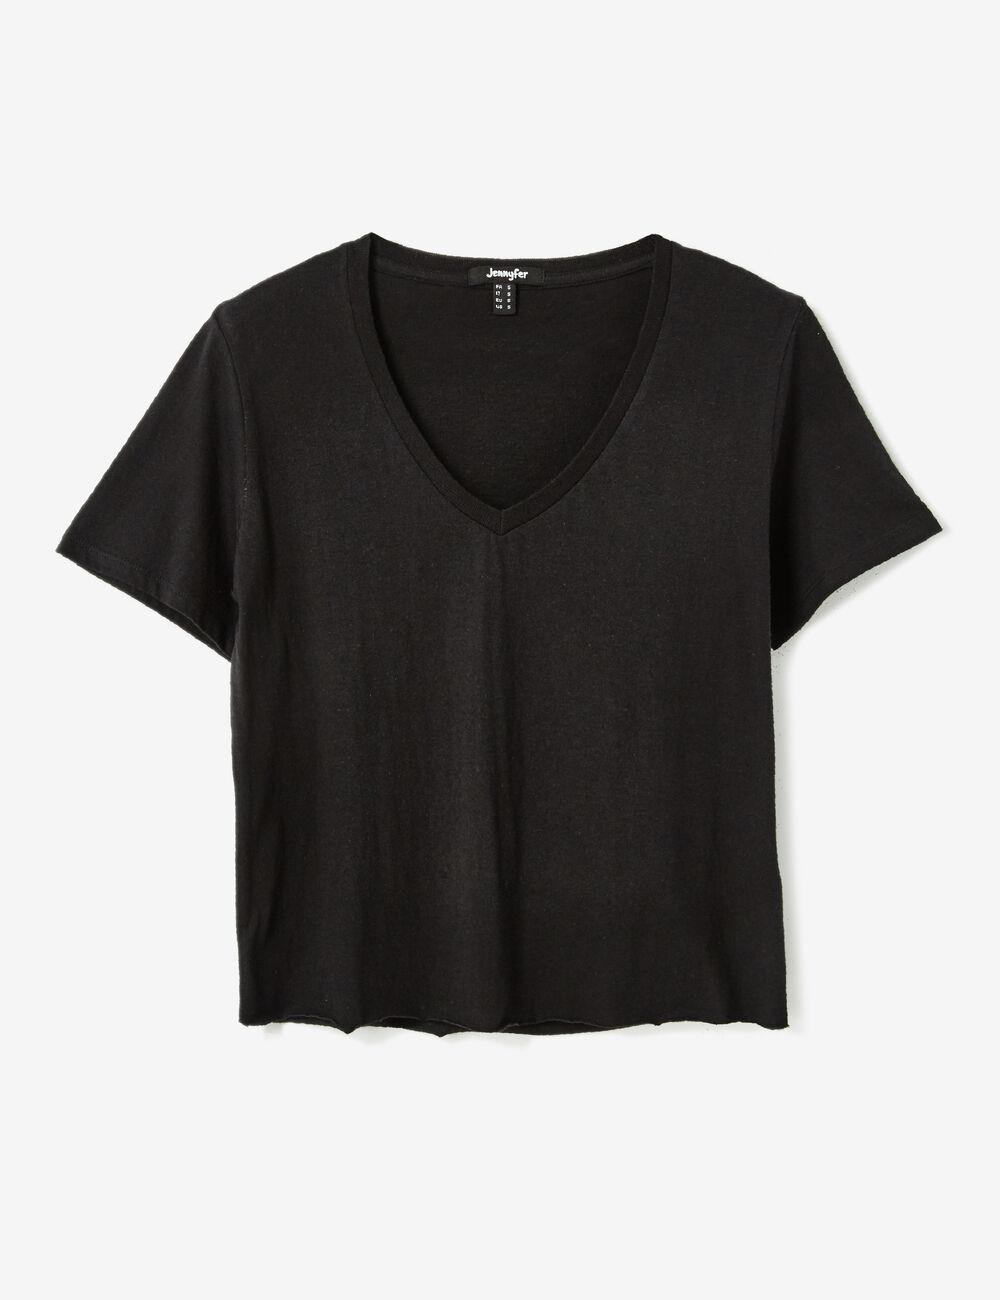 tee shirt basic noir femme jennyfer. Black Bedroom Furniture Sets. Home Design Ideas